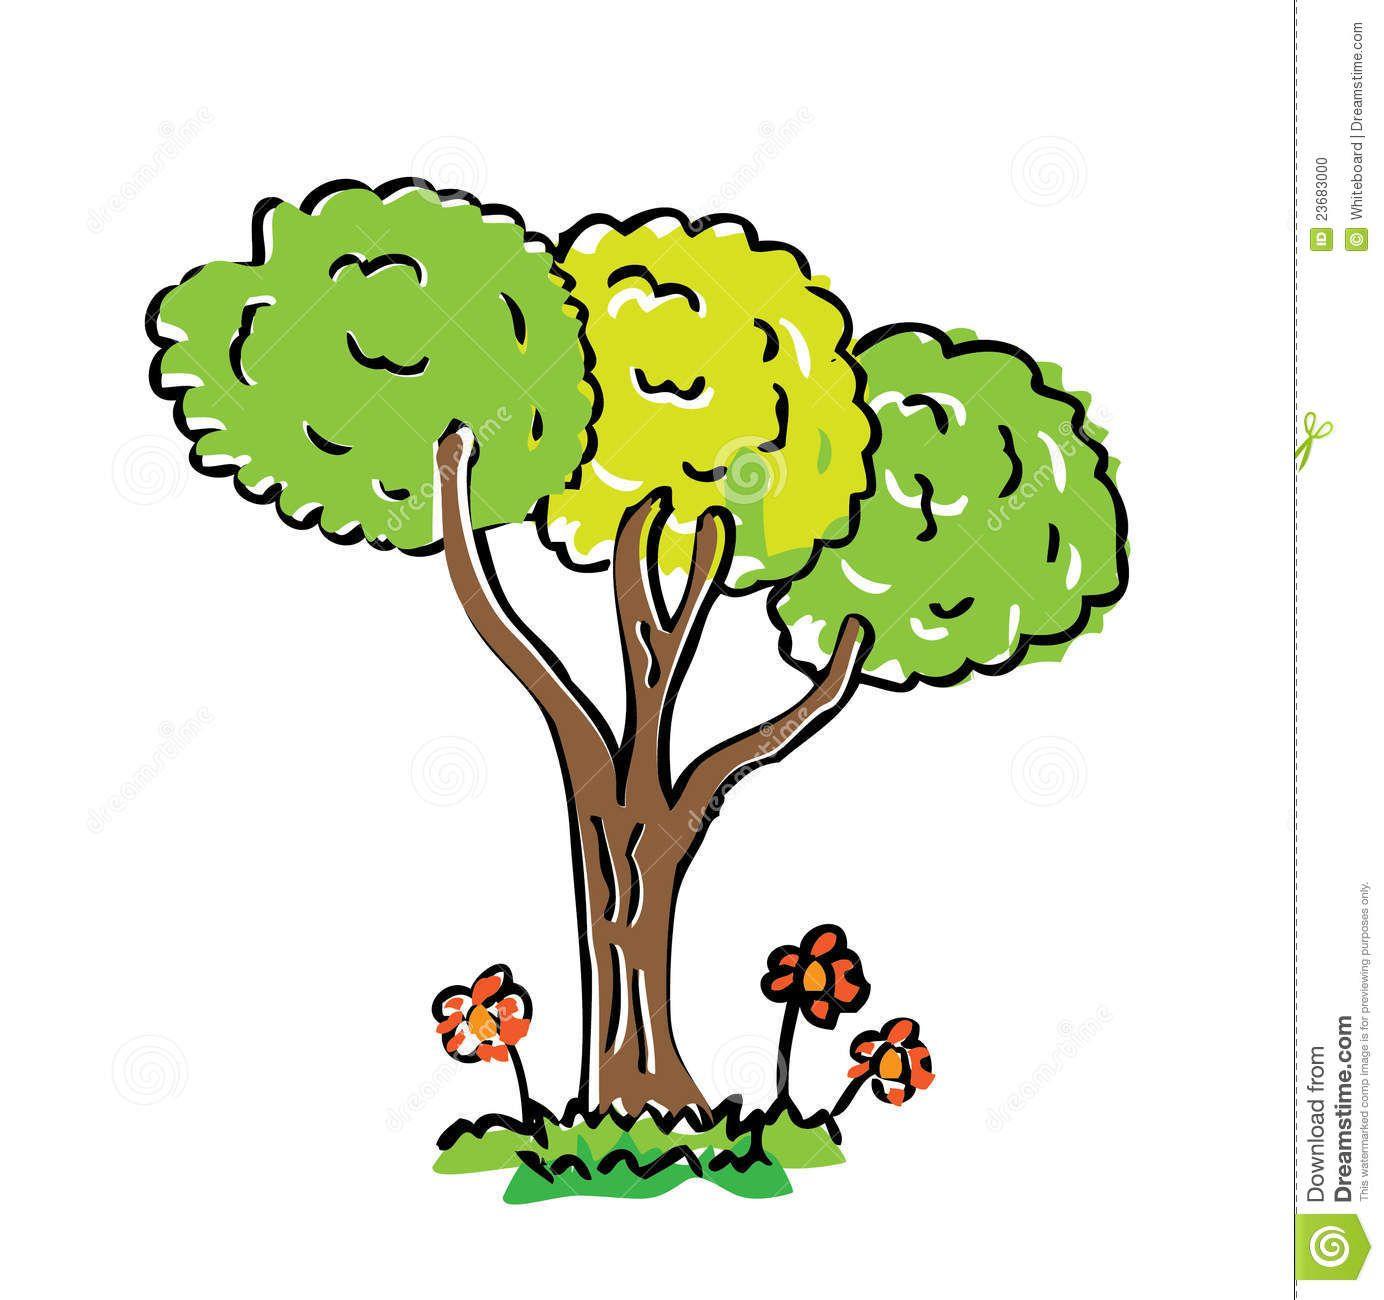 r sultat de recherche d 39 images pour arbre dessin simple kids diy birthday 39 s tree. Black Bedroom Furniture Sets. Home Design Ideas